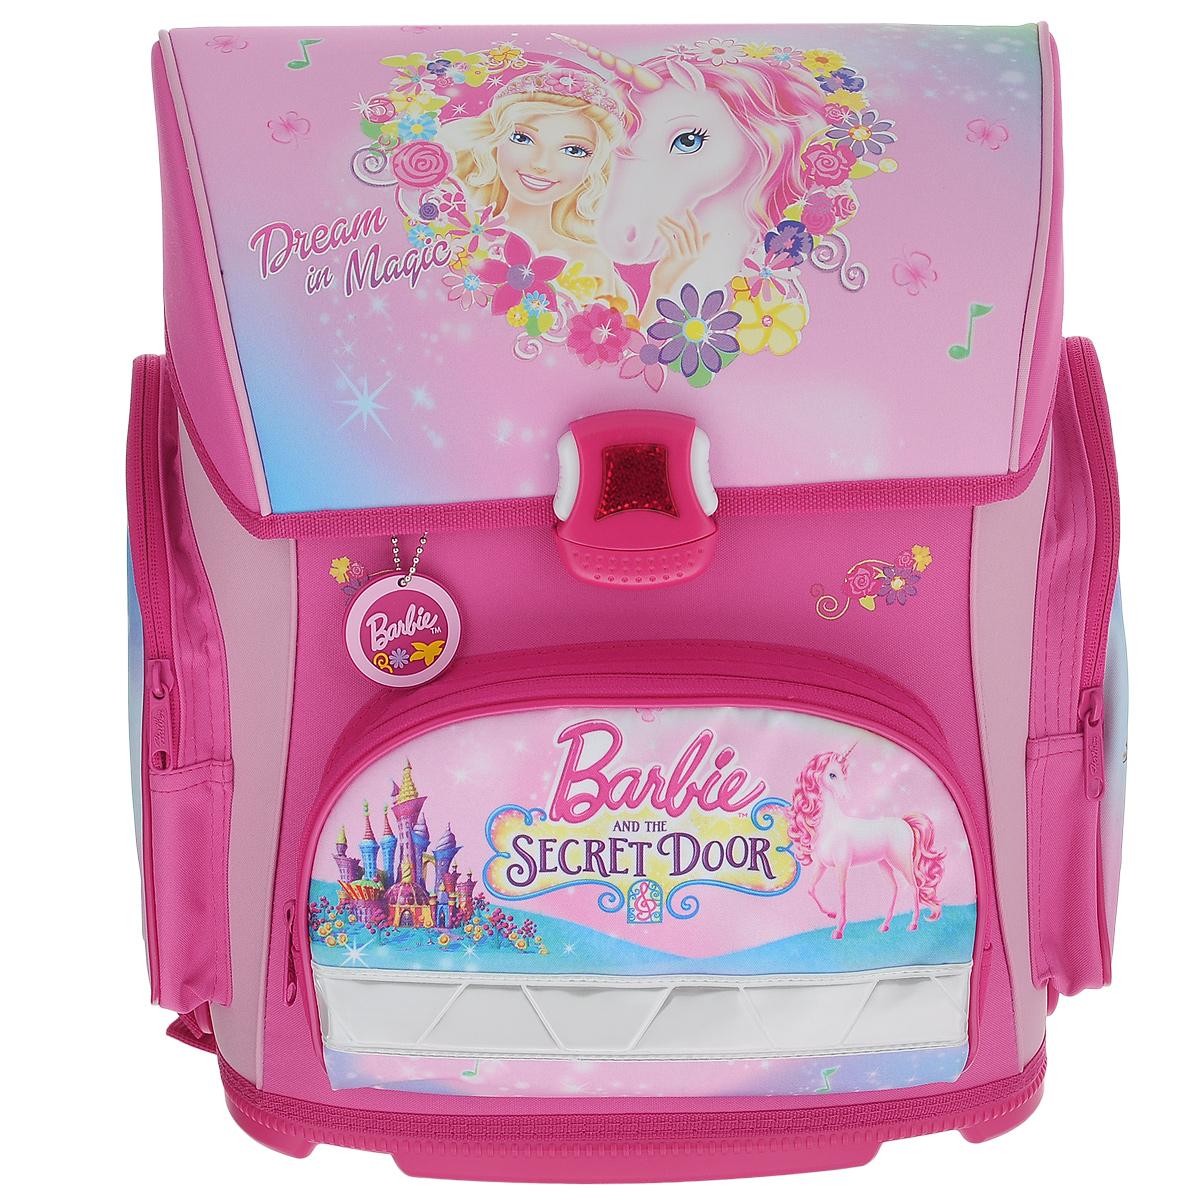 Ранец Hatber 37х30х17см OPTIMUM Barbie The Secret Door (Barbie)NRk_20628Усовершенствованная серия ранца для младшего школьного возраста. Жесткий анатомический каркас и форма спинки способствуют равномерному распределнию нагрузки и формированию правильной осанки.